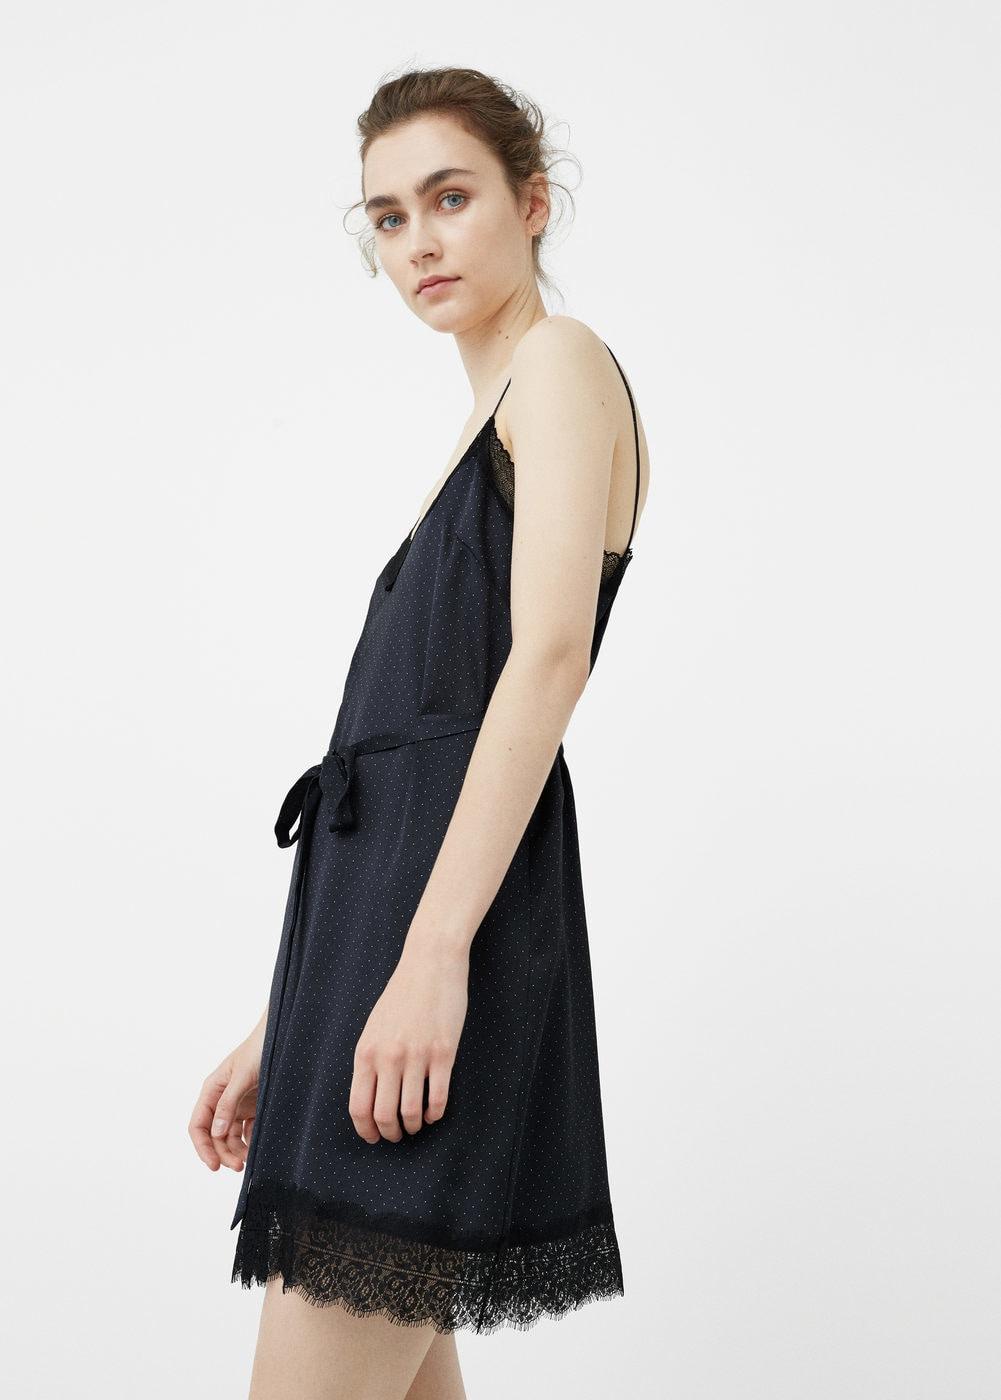 Vestidos Lenceros que podrás encontrar en Rebajas - vestido lencero con encaje